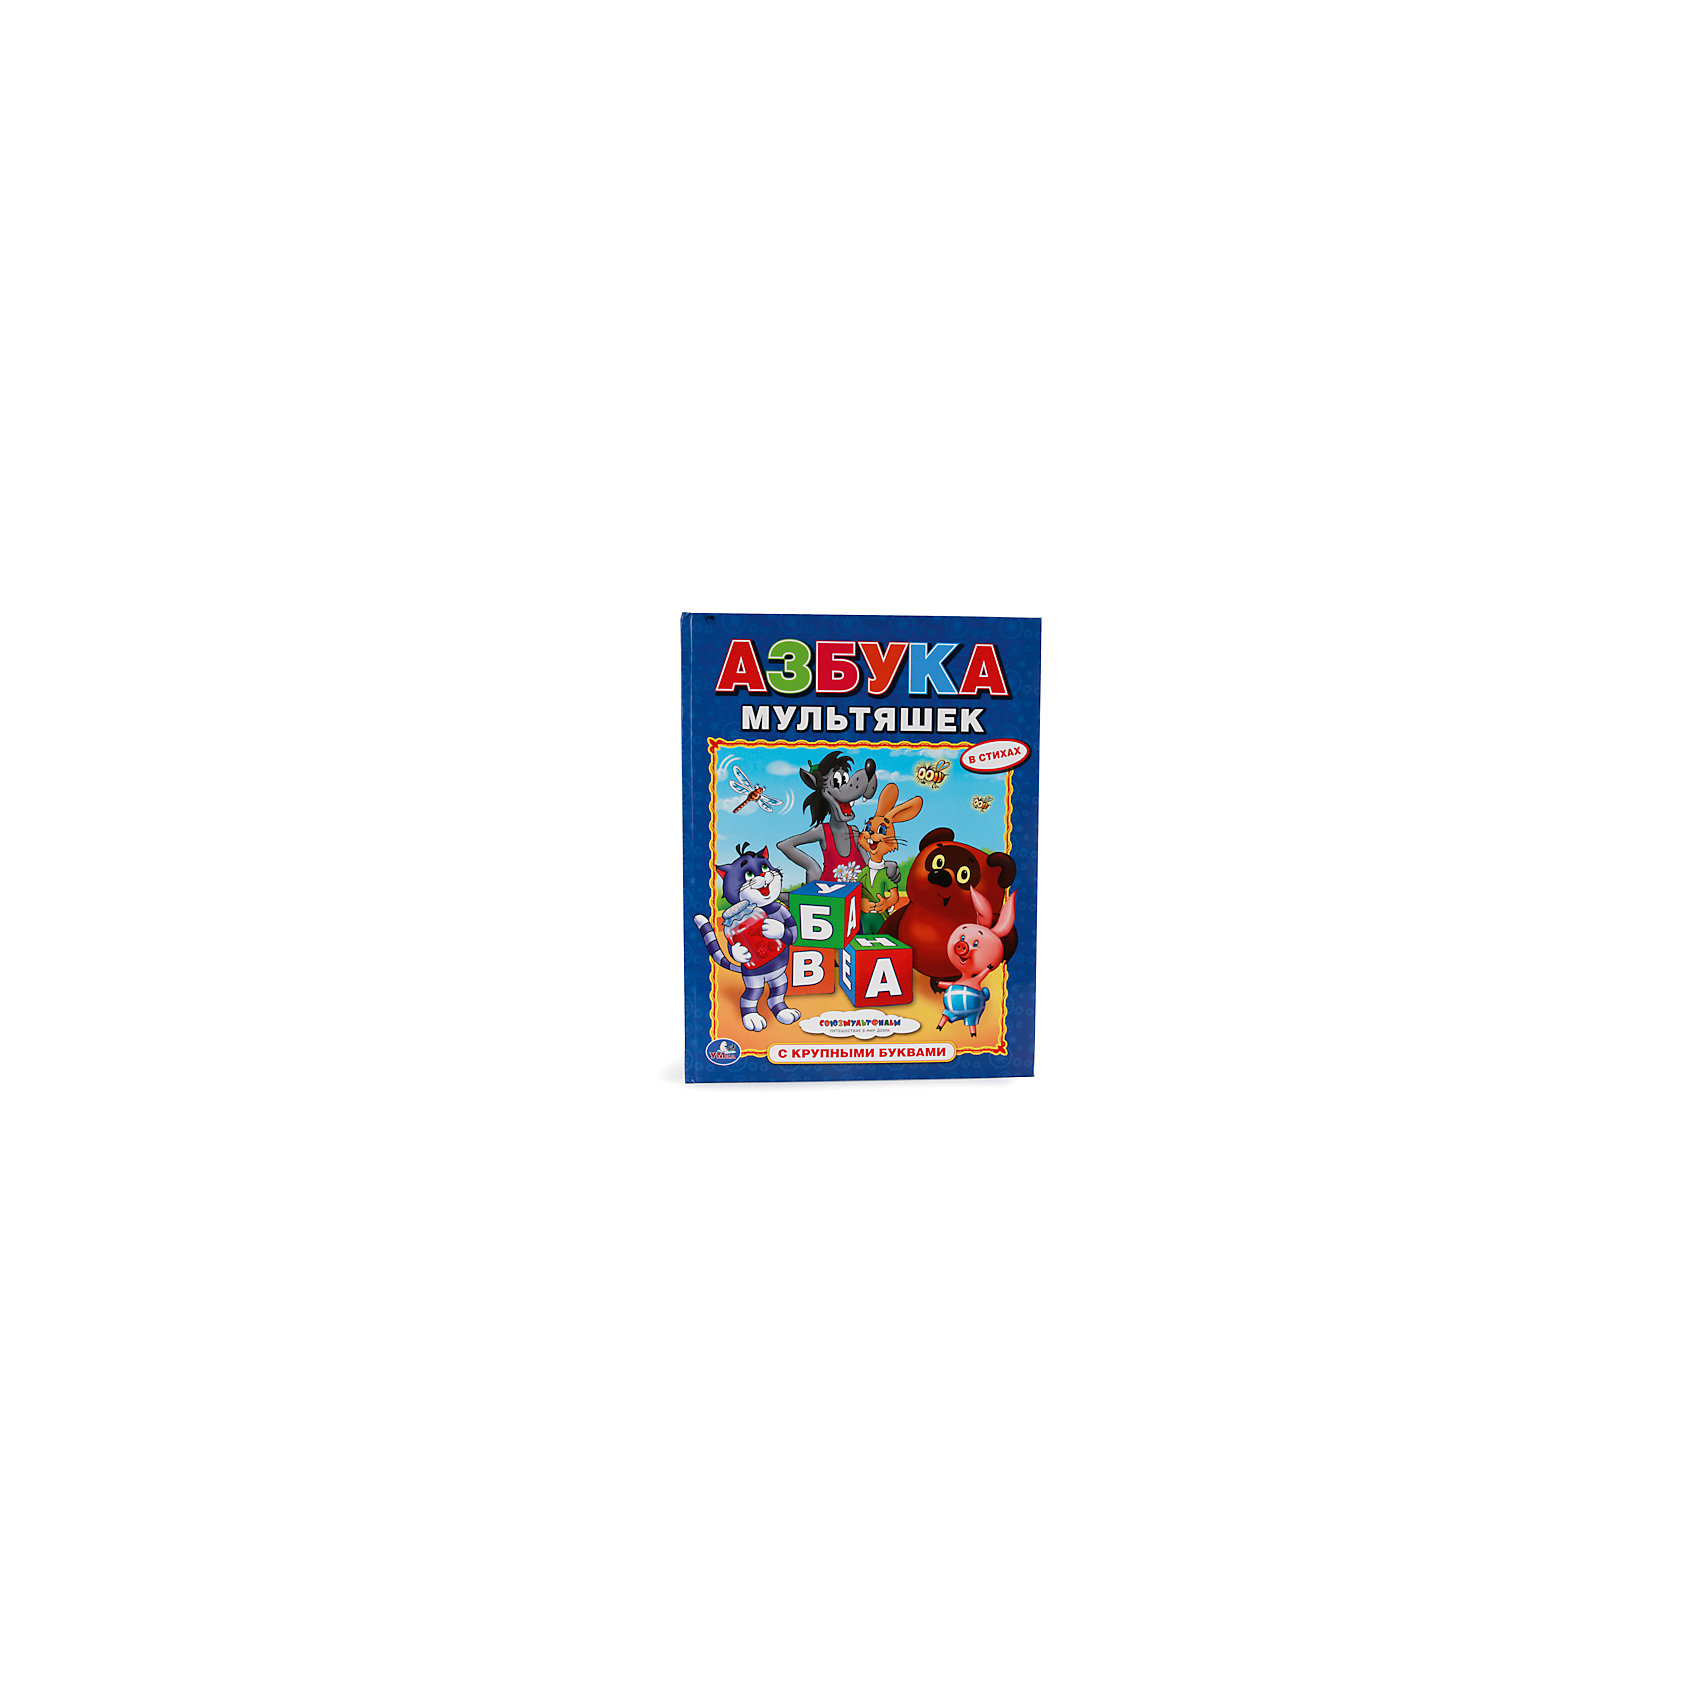 Азбука с крупными буквами Азбука мультяшекАзбуки<br>Характеристики товара:<br><br>• размер: 27x20 см<br>• материал: картон<br>• страниц: 32<br>• возраст: 0+<br>• обложка: твердая<br>• цветные иллюстрации<br>• страна бренда: РФ<br>• страна изготовитель: РФ<br><br>Книжки не только развлекают малышей, они помогают учиться и познавать мир! Такая книжка станет отличным подарком ребенку и родителям - ведь с помощью неё можно учиться читать. Формат - очень удобный, качество печати - отличное! Книжка дополнена яркими картинками. Книжки с крупными буквами созданы специально для малышей - так им легче научиться читать.<br>Чтение даже в юном возрасте помогает детям развивать важные навыки и способности, оно активизирует мышление, формирует усидчивость, логику и воображение. Изделие производится из качественных и проверенных материалов, которые безопасны для детей.<br><br>Азбуку с крупными буквами Азбука мультяшек от бренда Умка можно купить в нашем интернет-магазине.<br><br>Ширина мм: 10<br>Глубина мм: 200<br>Высота мм: 260<br>Вес г: 240<br>Возраст от месяцев: 36<br>Возраст до месяцев: 72<br>Пол: Унисекс<br>Возраст: Детский<br>SKU: 5196929